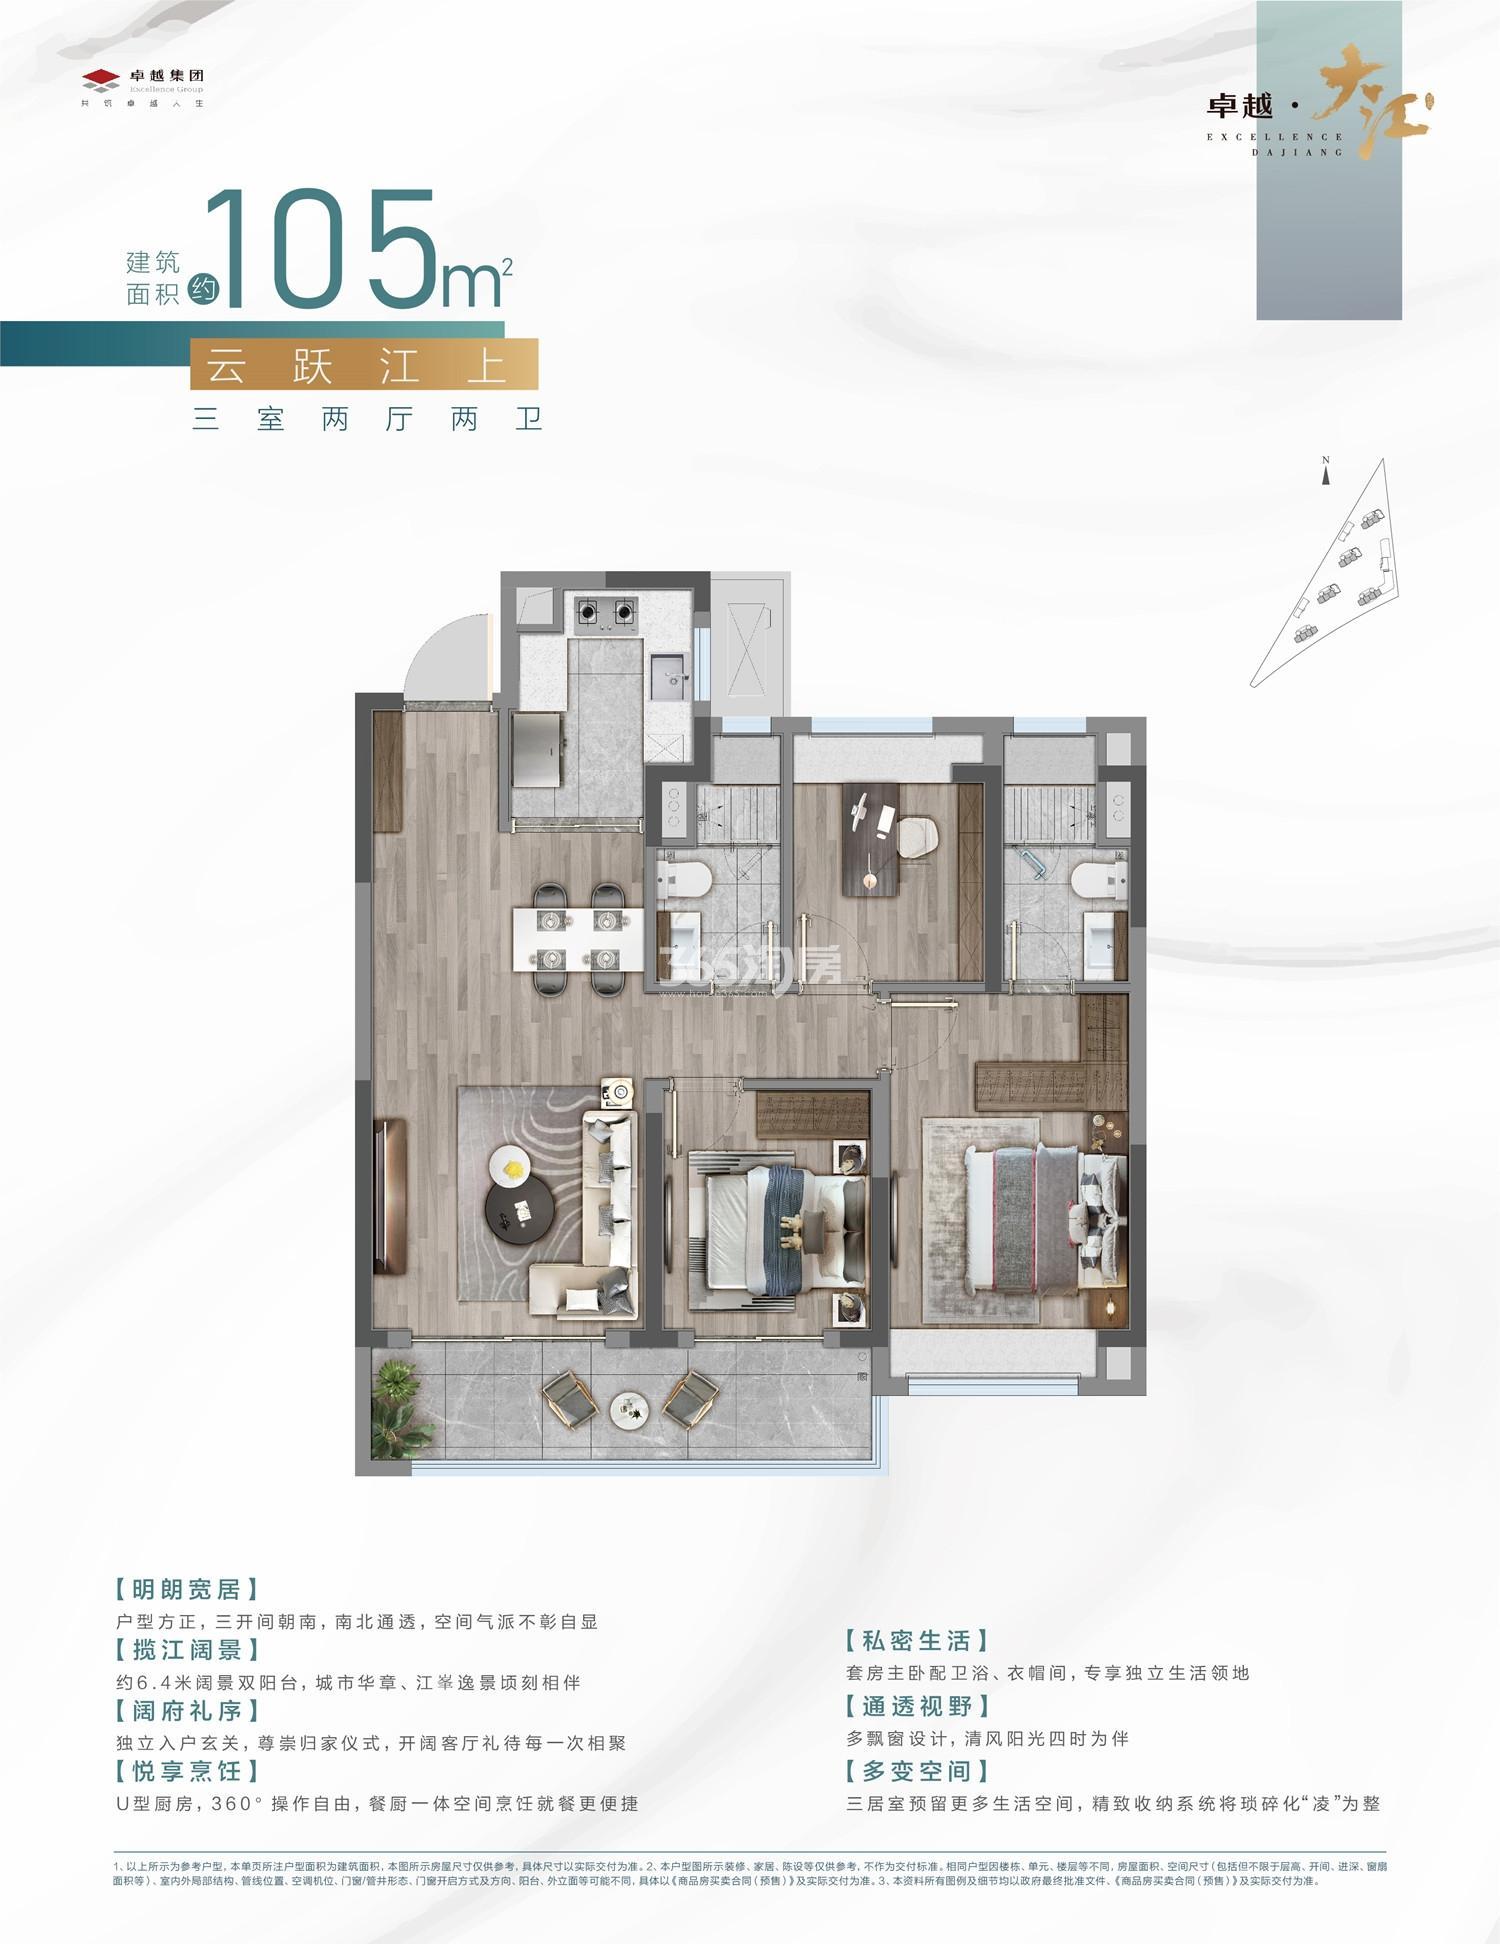 卓越大江105㎡三室两厅两卫户型